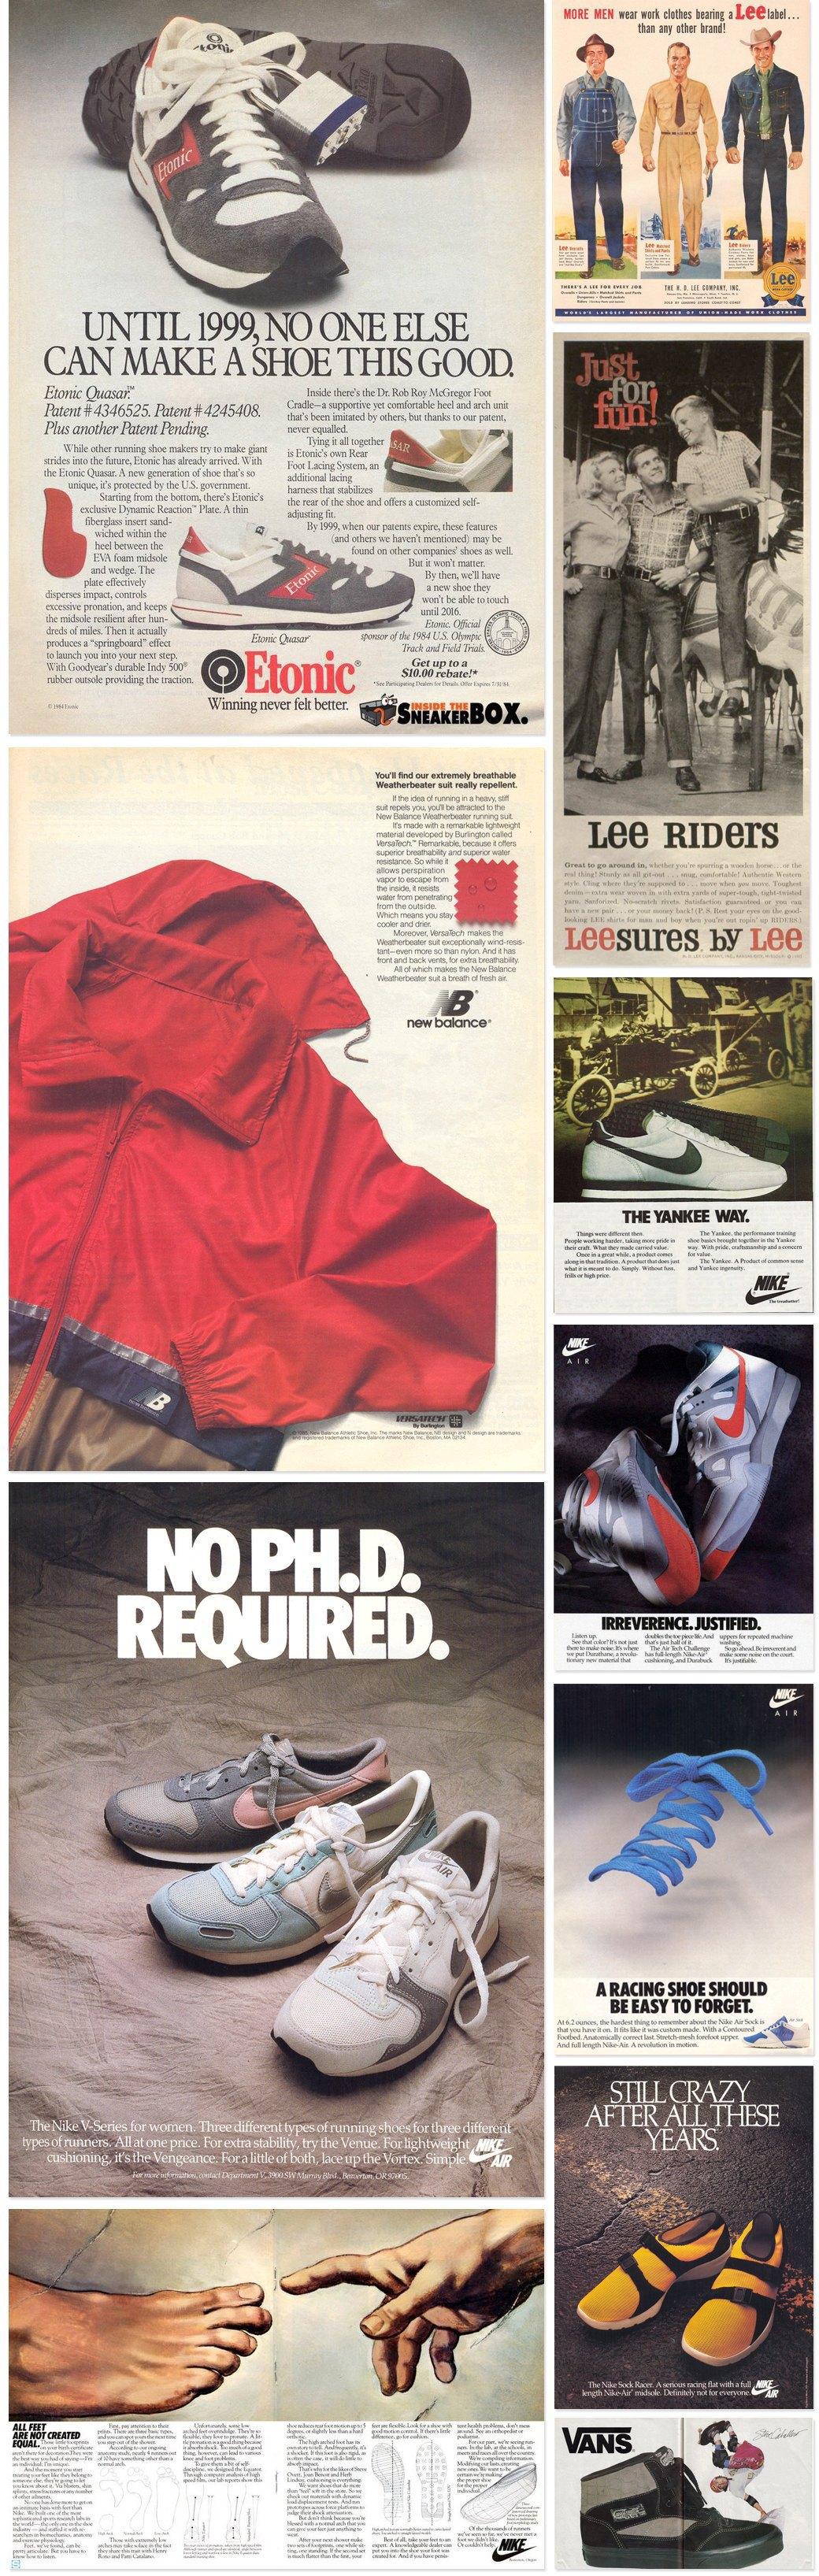 Назад в будущее: Винтажные рекламные плакаты современных марок одежды. Изображение № 3.